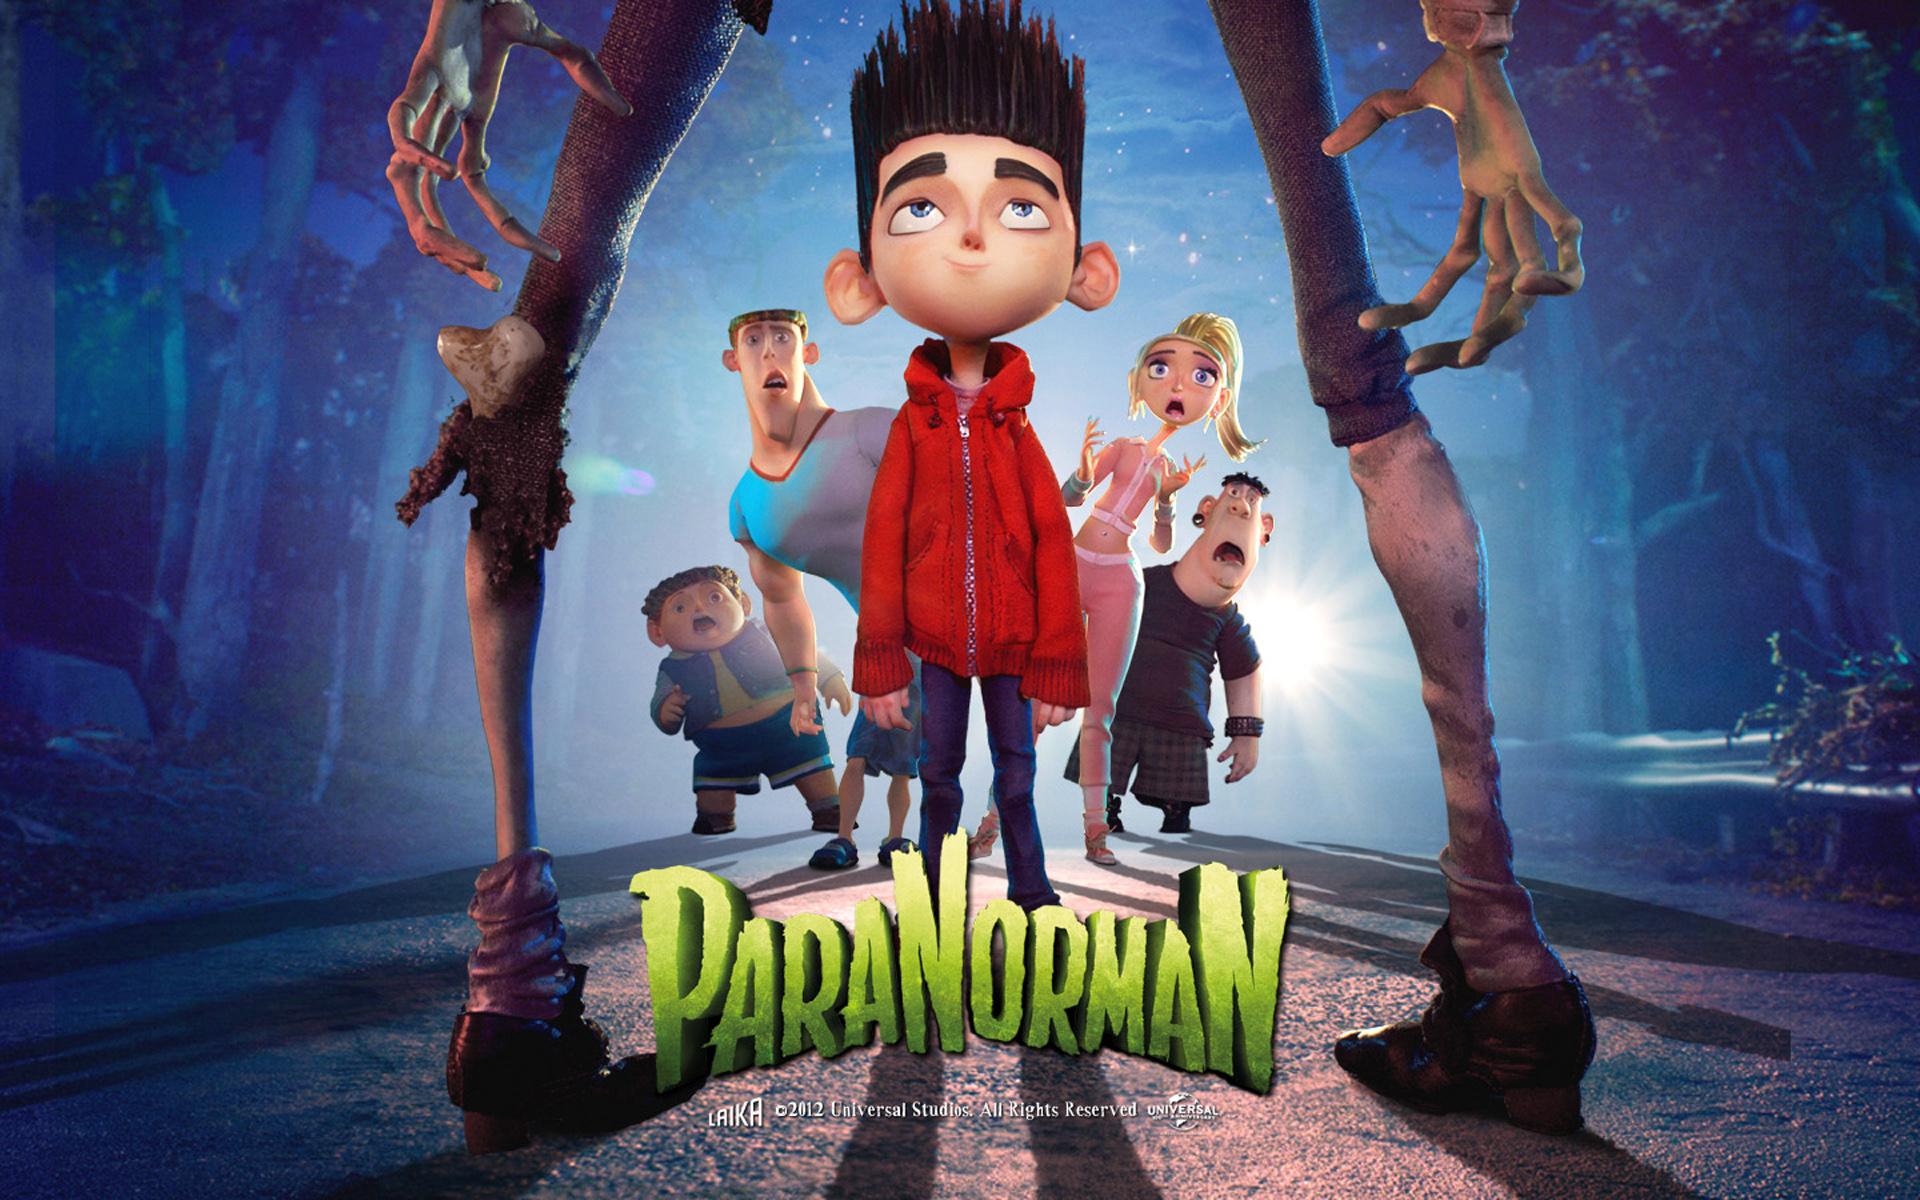 Family-movie-ParaNorman-1